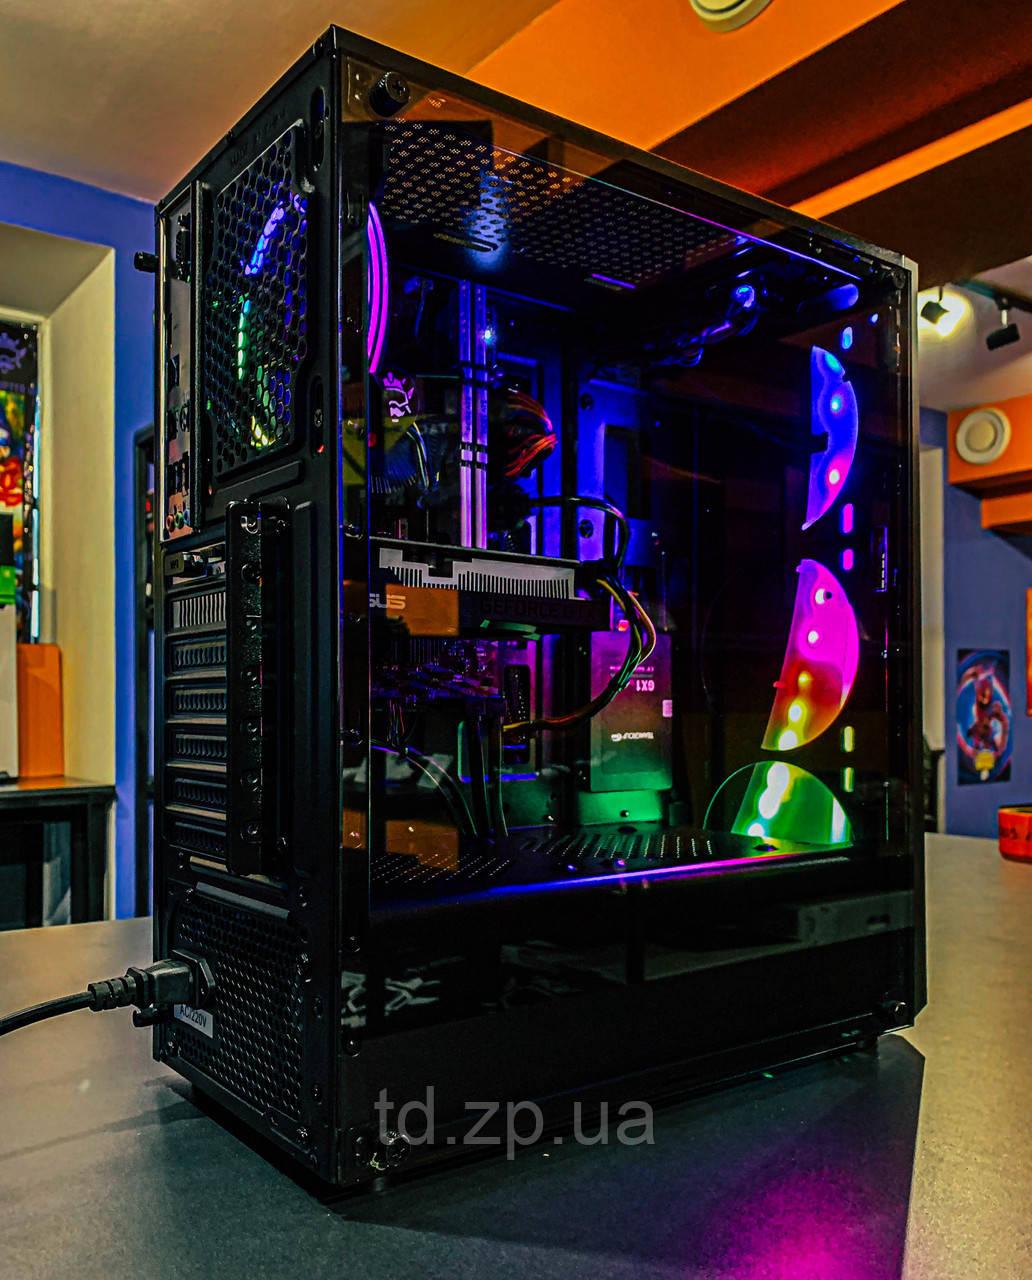 Игровой компьютер Ryzen 5 2600 + GTX 1650 4Gb + RAM 16GB + HDD 500Gb + SSD 120Gb